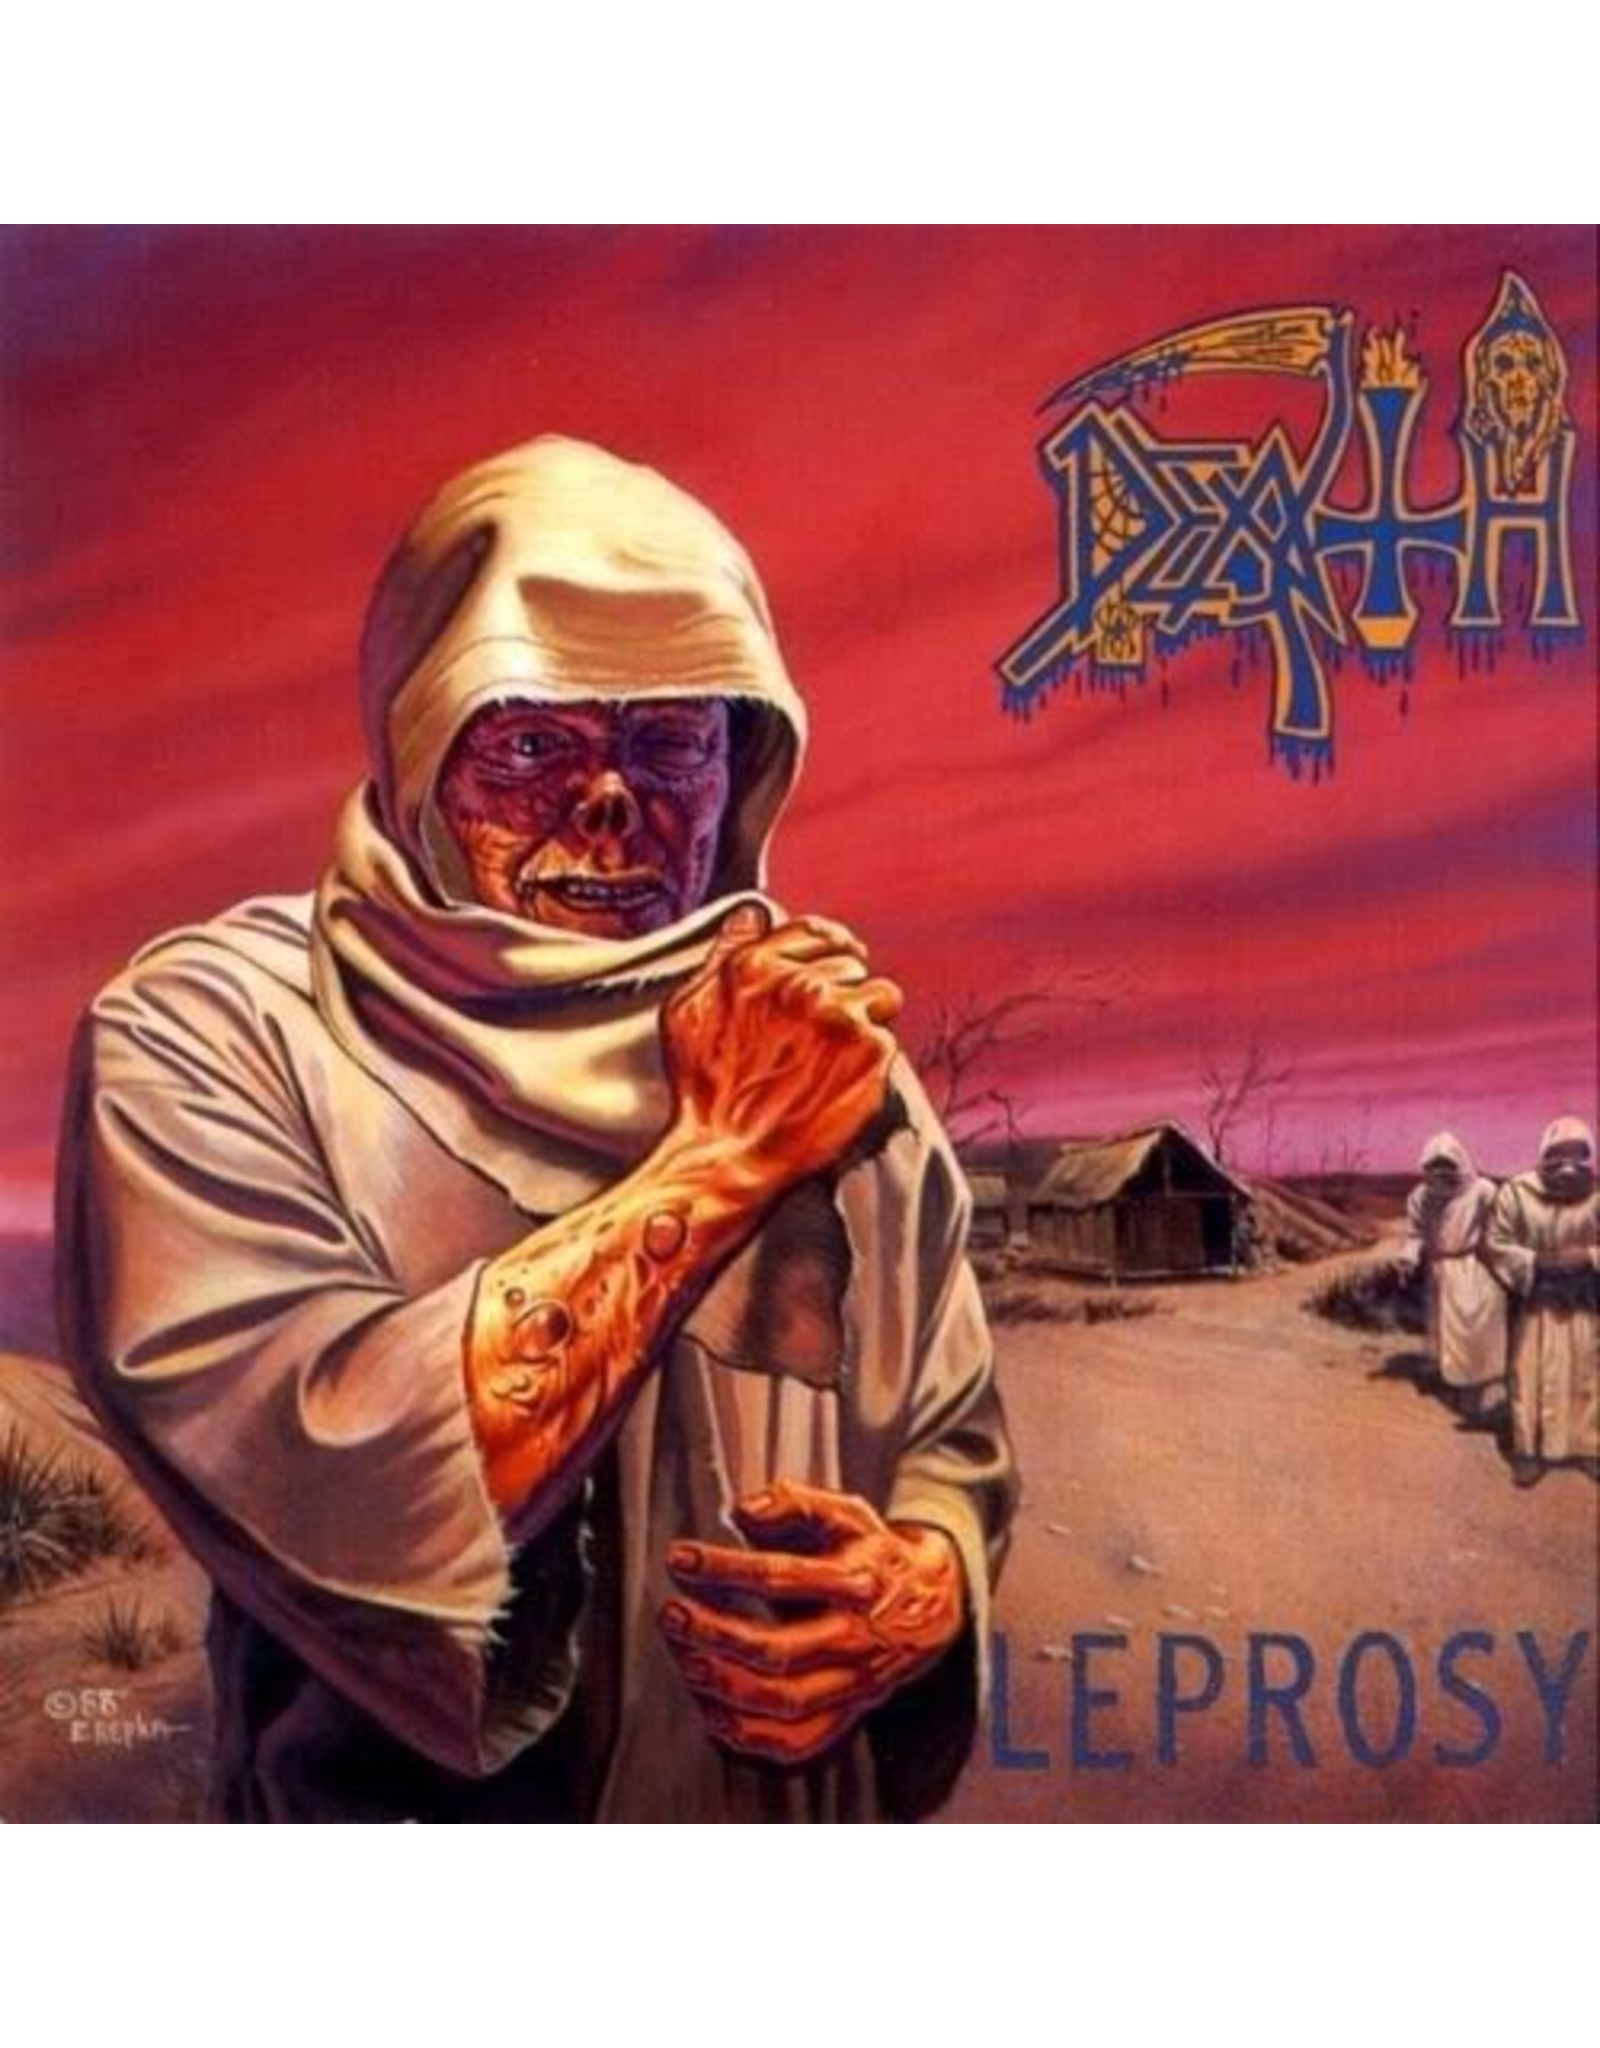 New Vinyl Death - Leprosy LP